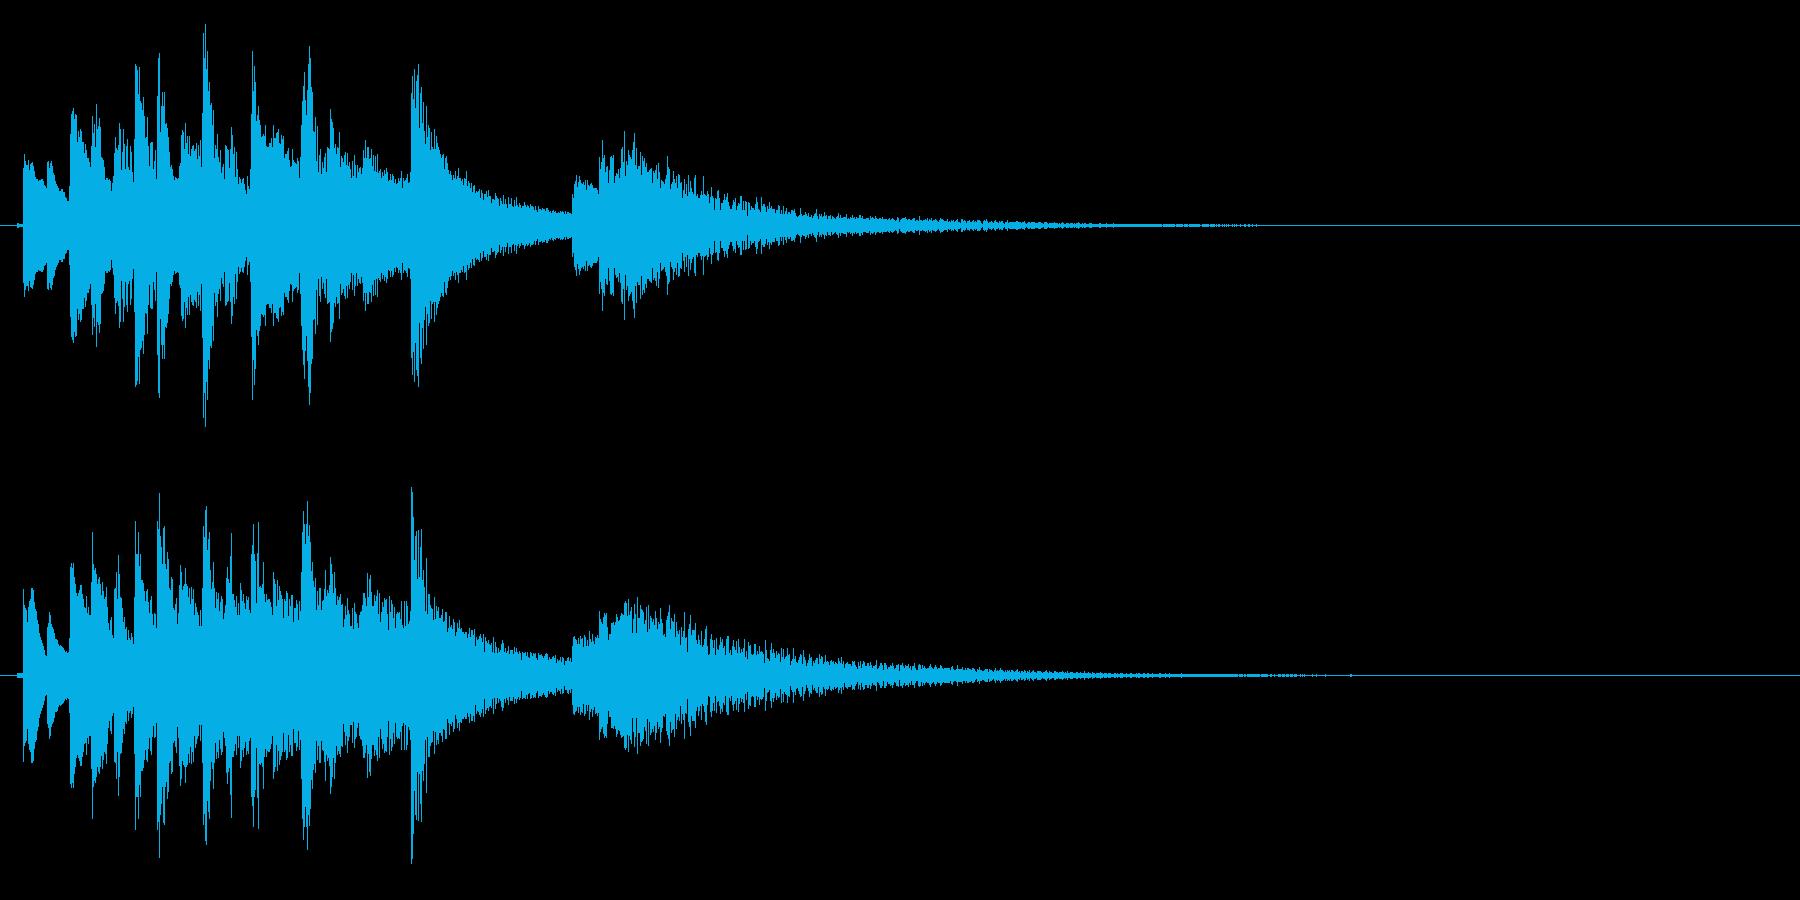 琴のフレーズ4☆調律2の再生済みの波形